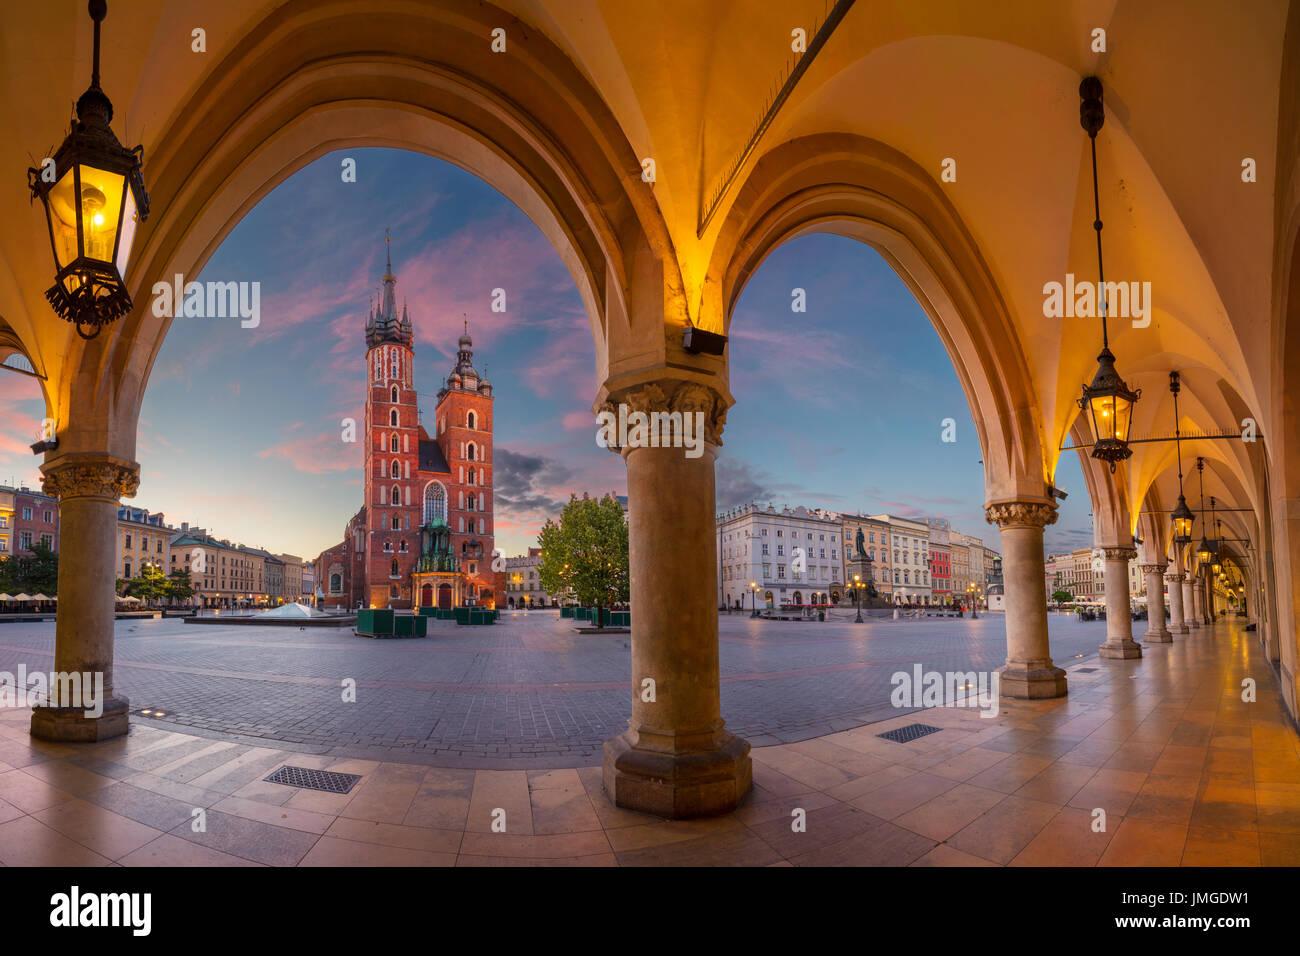 Cracovia. Imagen de la plaza del Mercado de Cracovia, Polonia durante el amanecer. Imagen De Stock